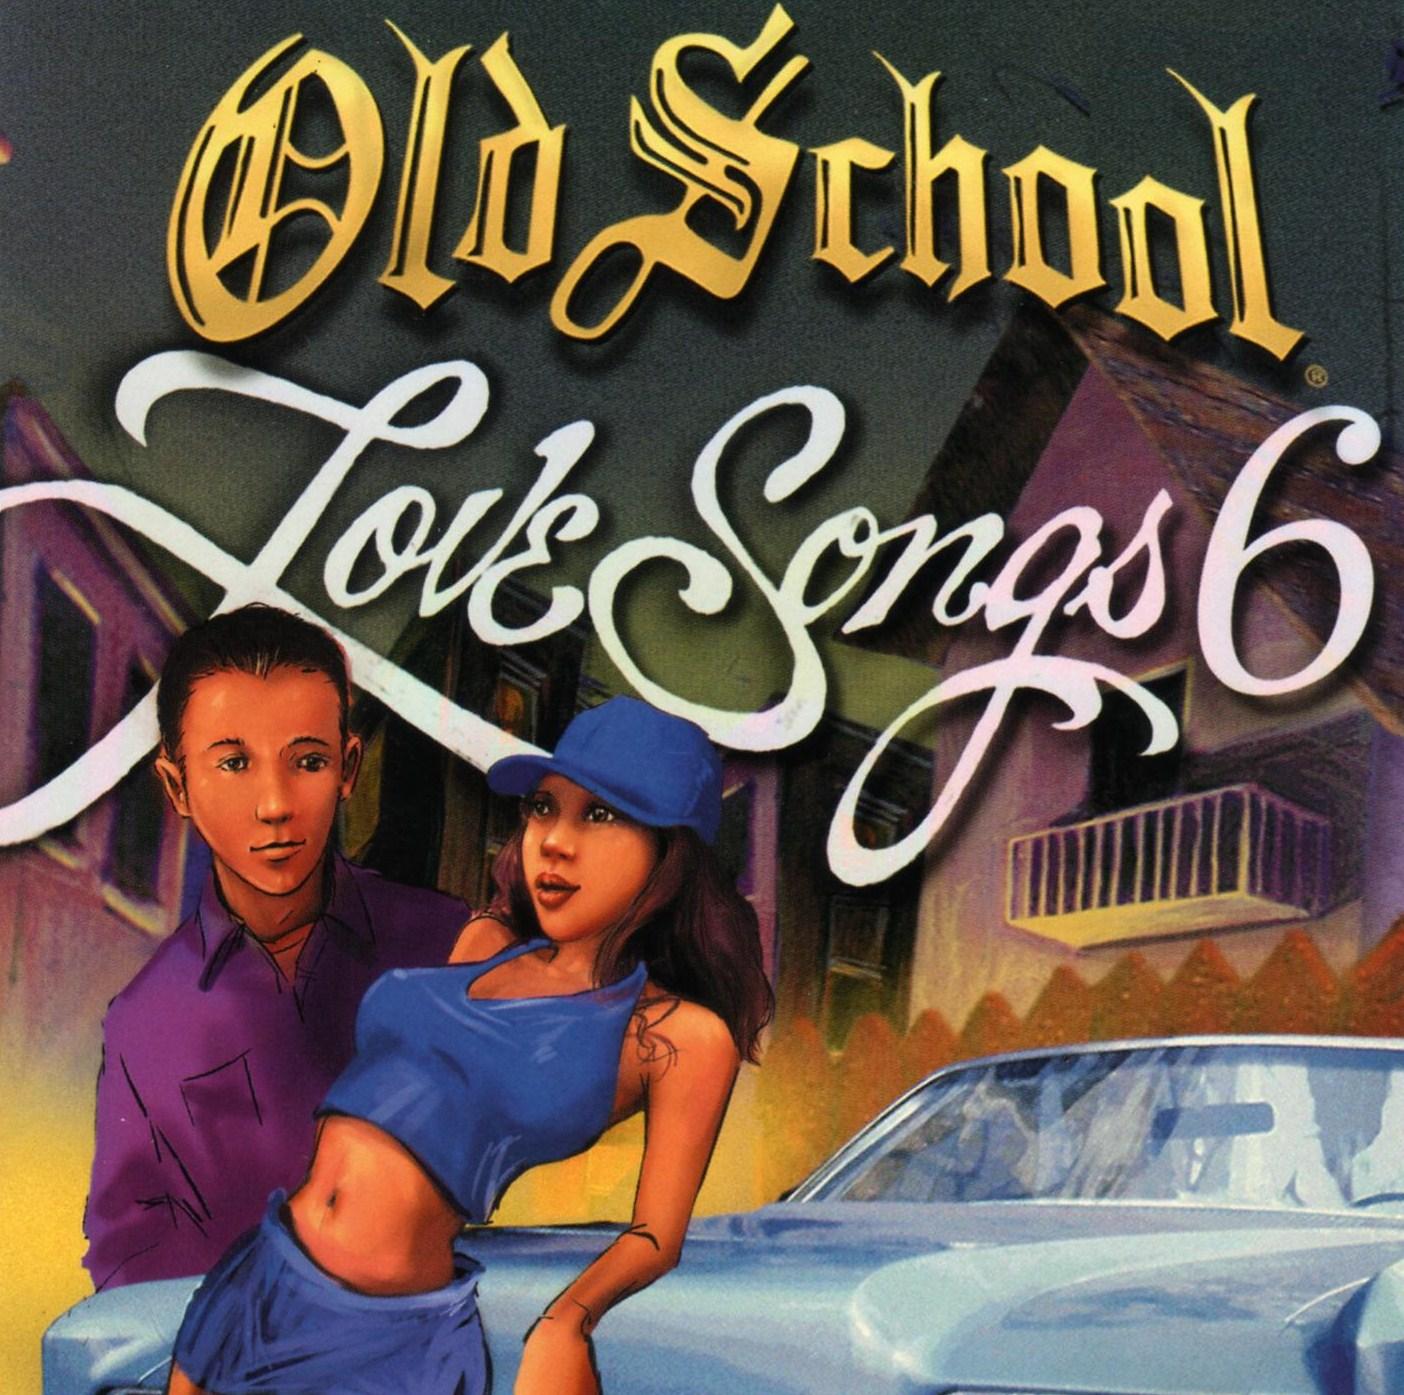 Doo Wop N Soul Oldies: Old School Love Songs